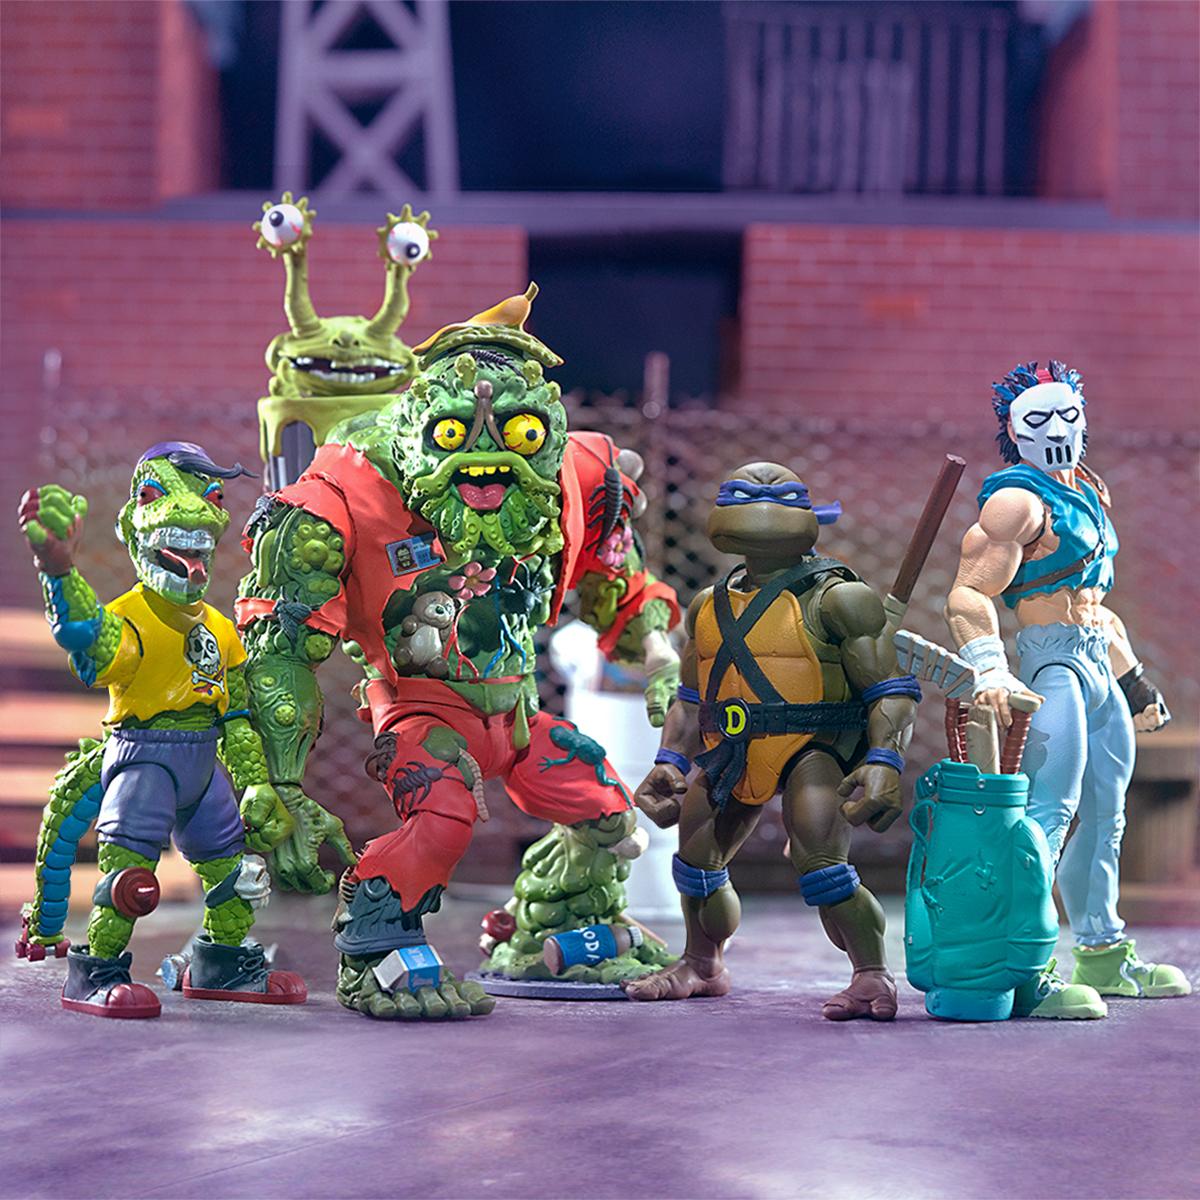 Teenage Mutant Ninja Turtles Ultimates – Wave 4